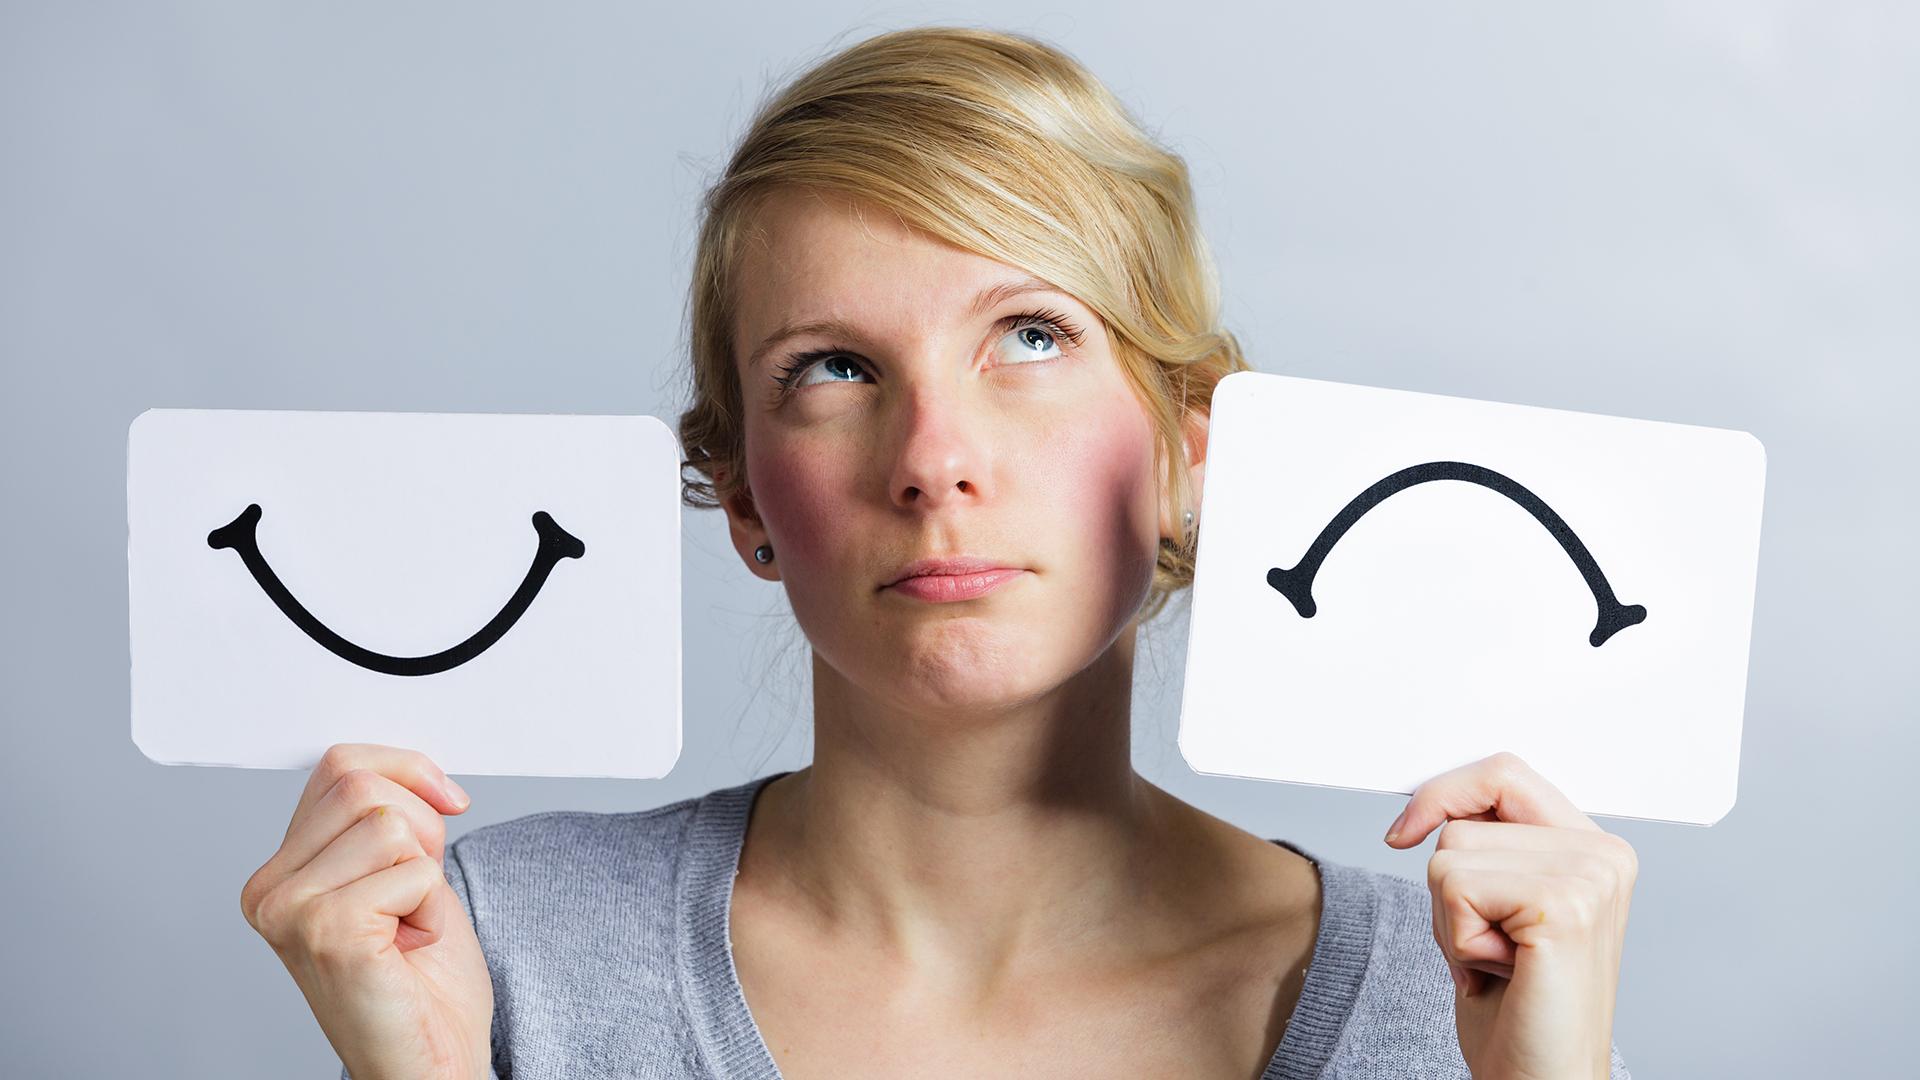 Entre las acciones del Ministerio de Felicidad se cuenta la creación de un medidor en línea de satisfacción (Shutterstock)